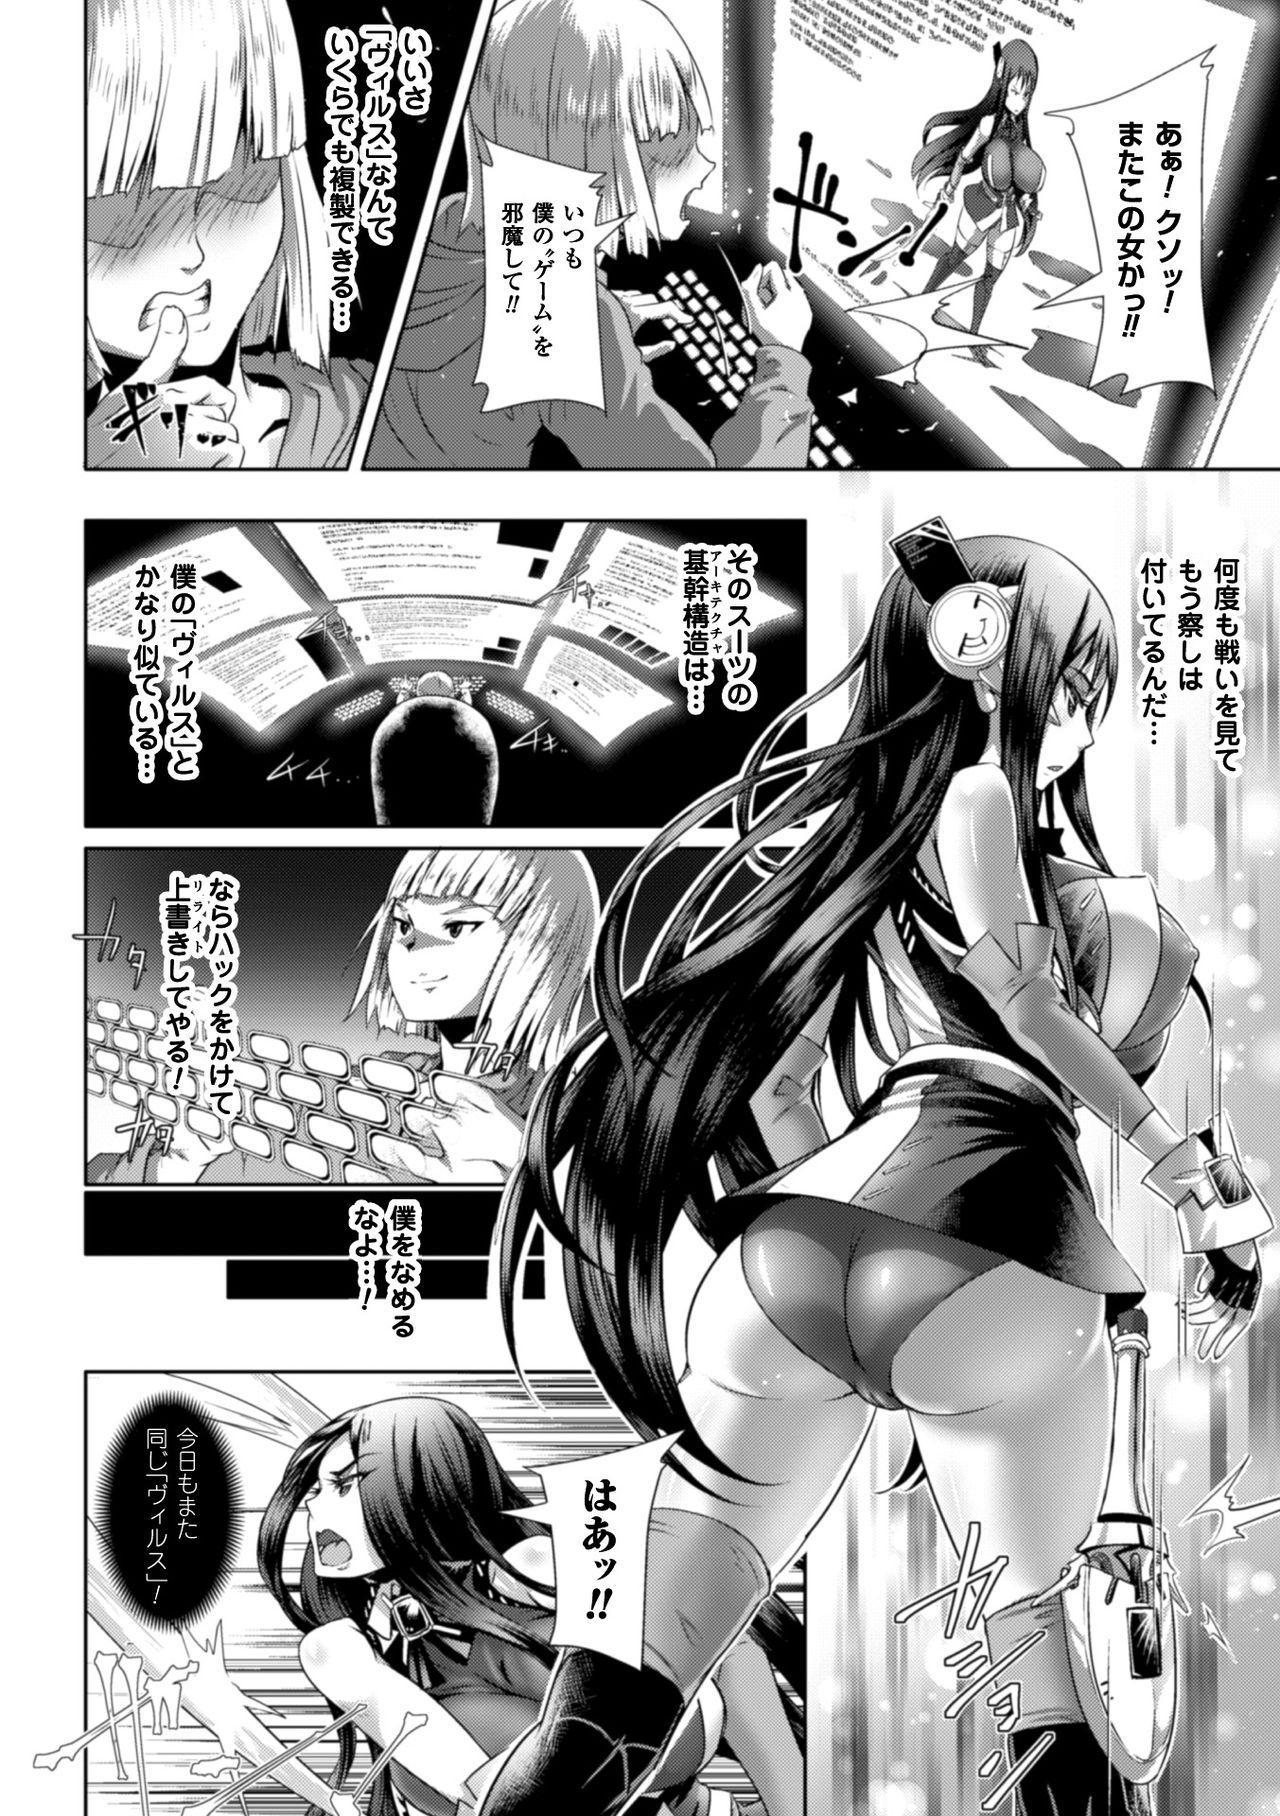 2D Comic Magazine Saimin Appli de Henshin Heroine o Yaritai Houdai! Vol. 1 63